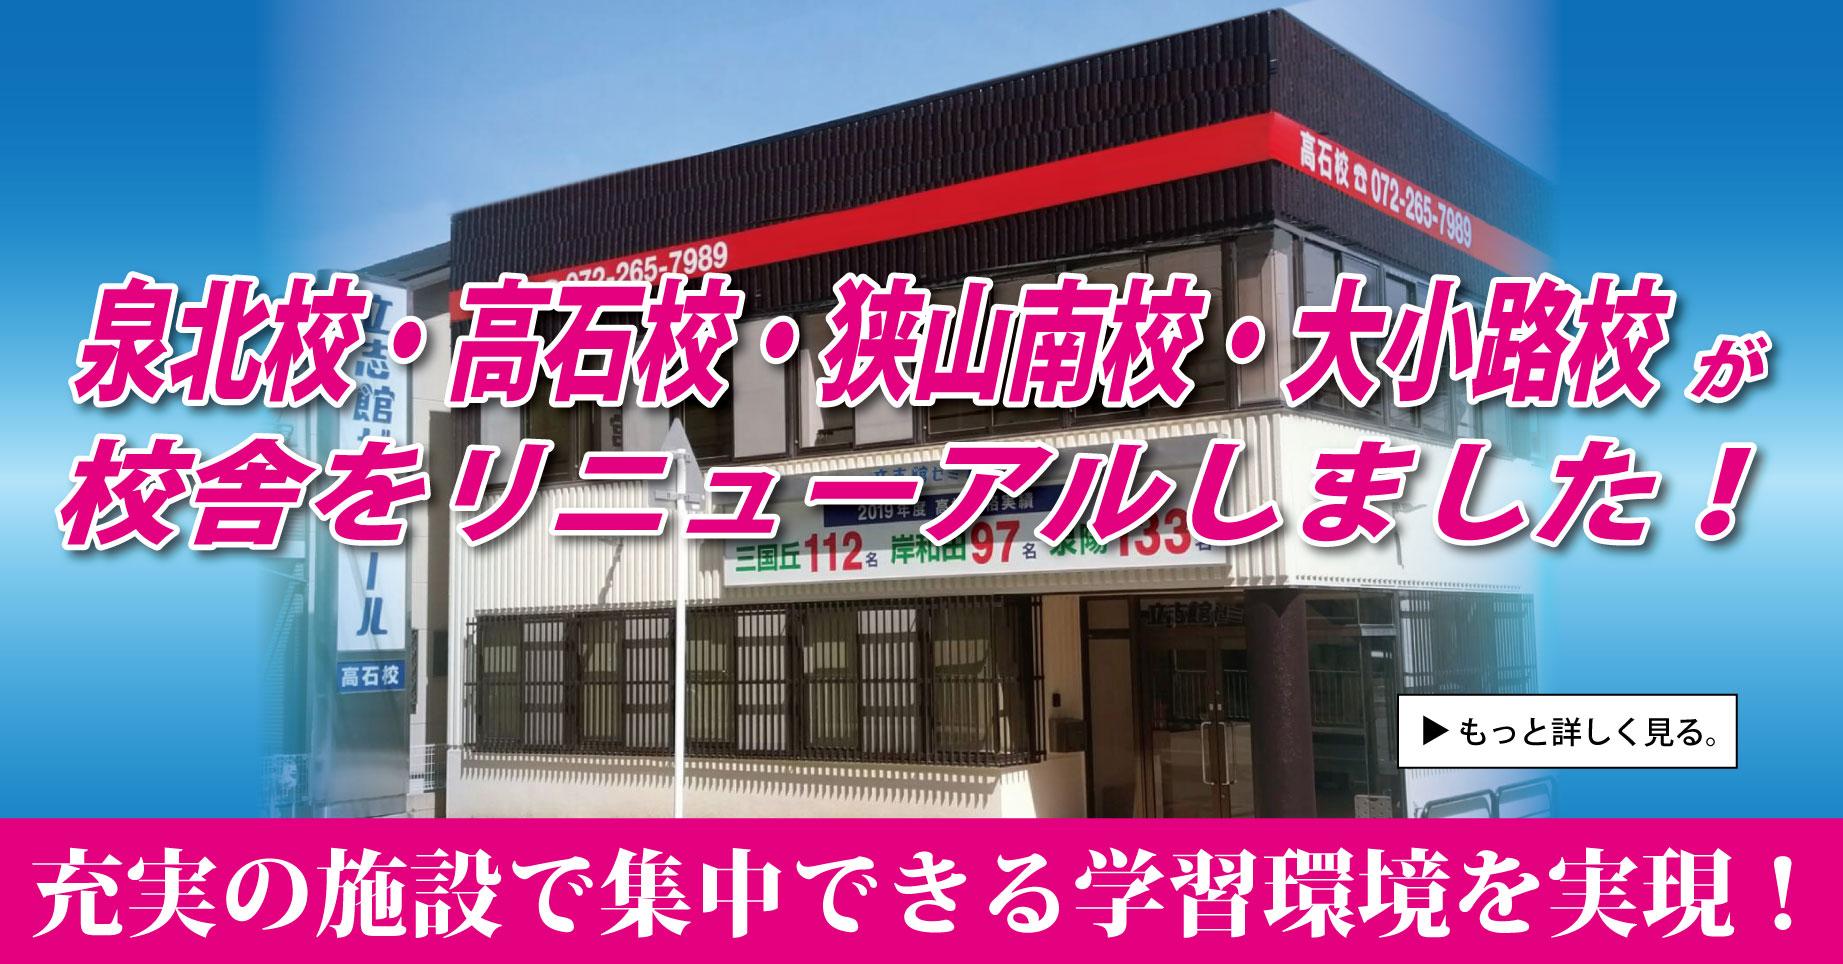 高石・泉北・狭山南校リニューアル